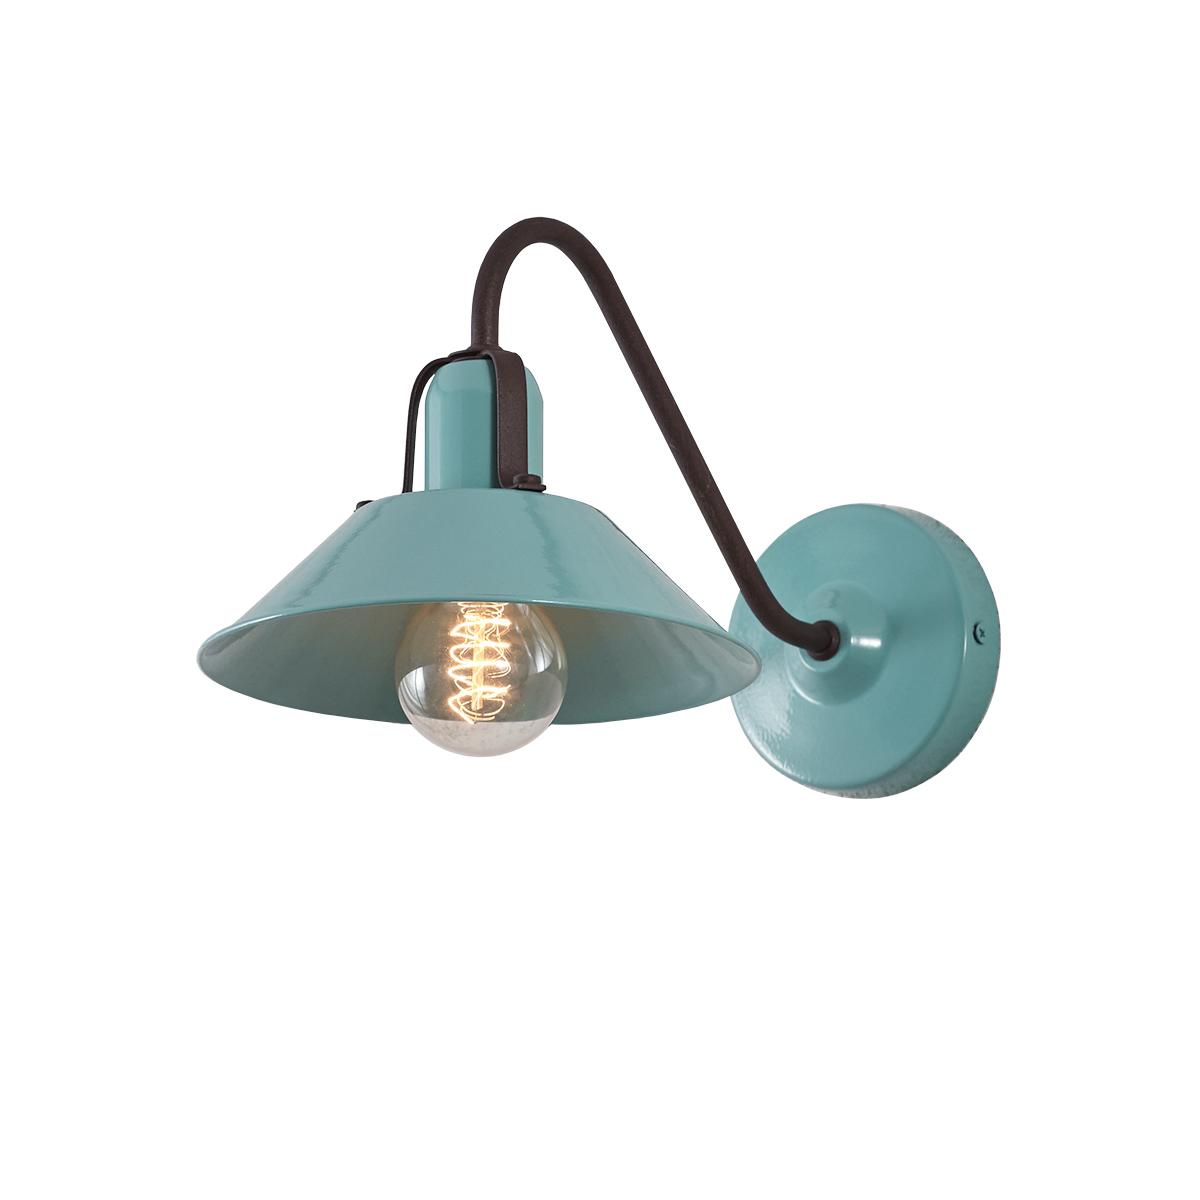 Ρετρό επιτοίχιο φωτιστικό βεραμάν ΜΗΛΟΣ pastel turquoise retro wall lamp